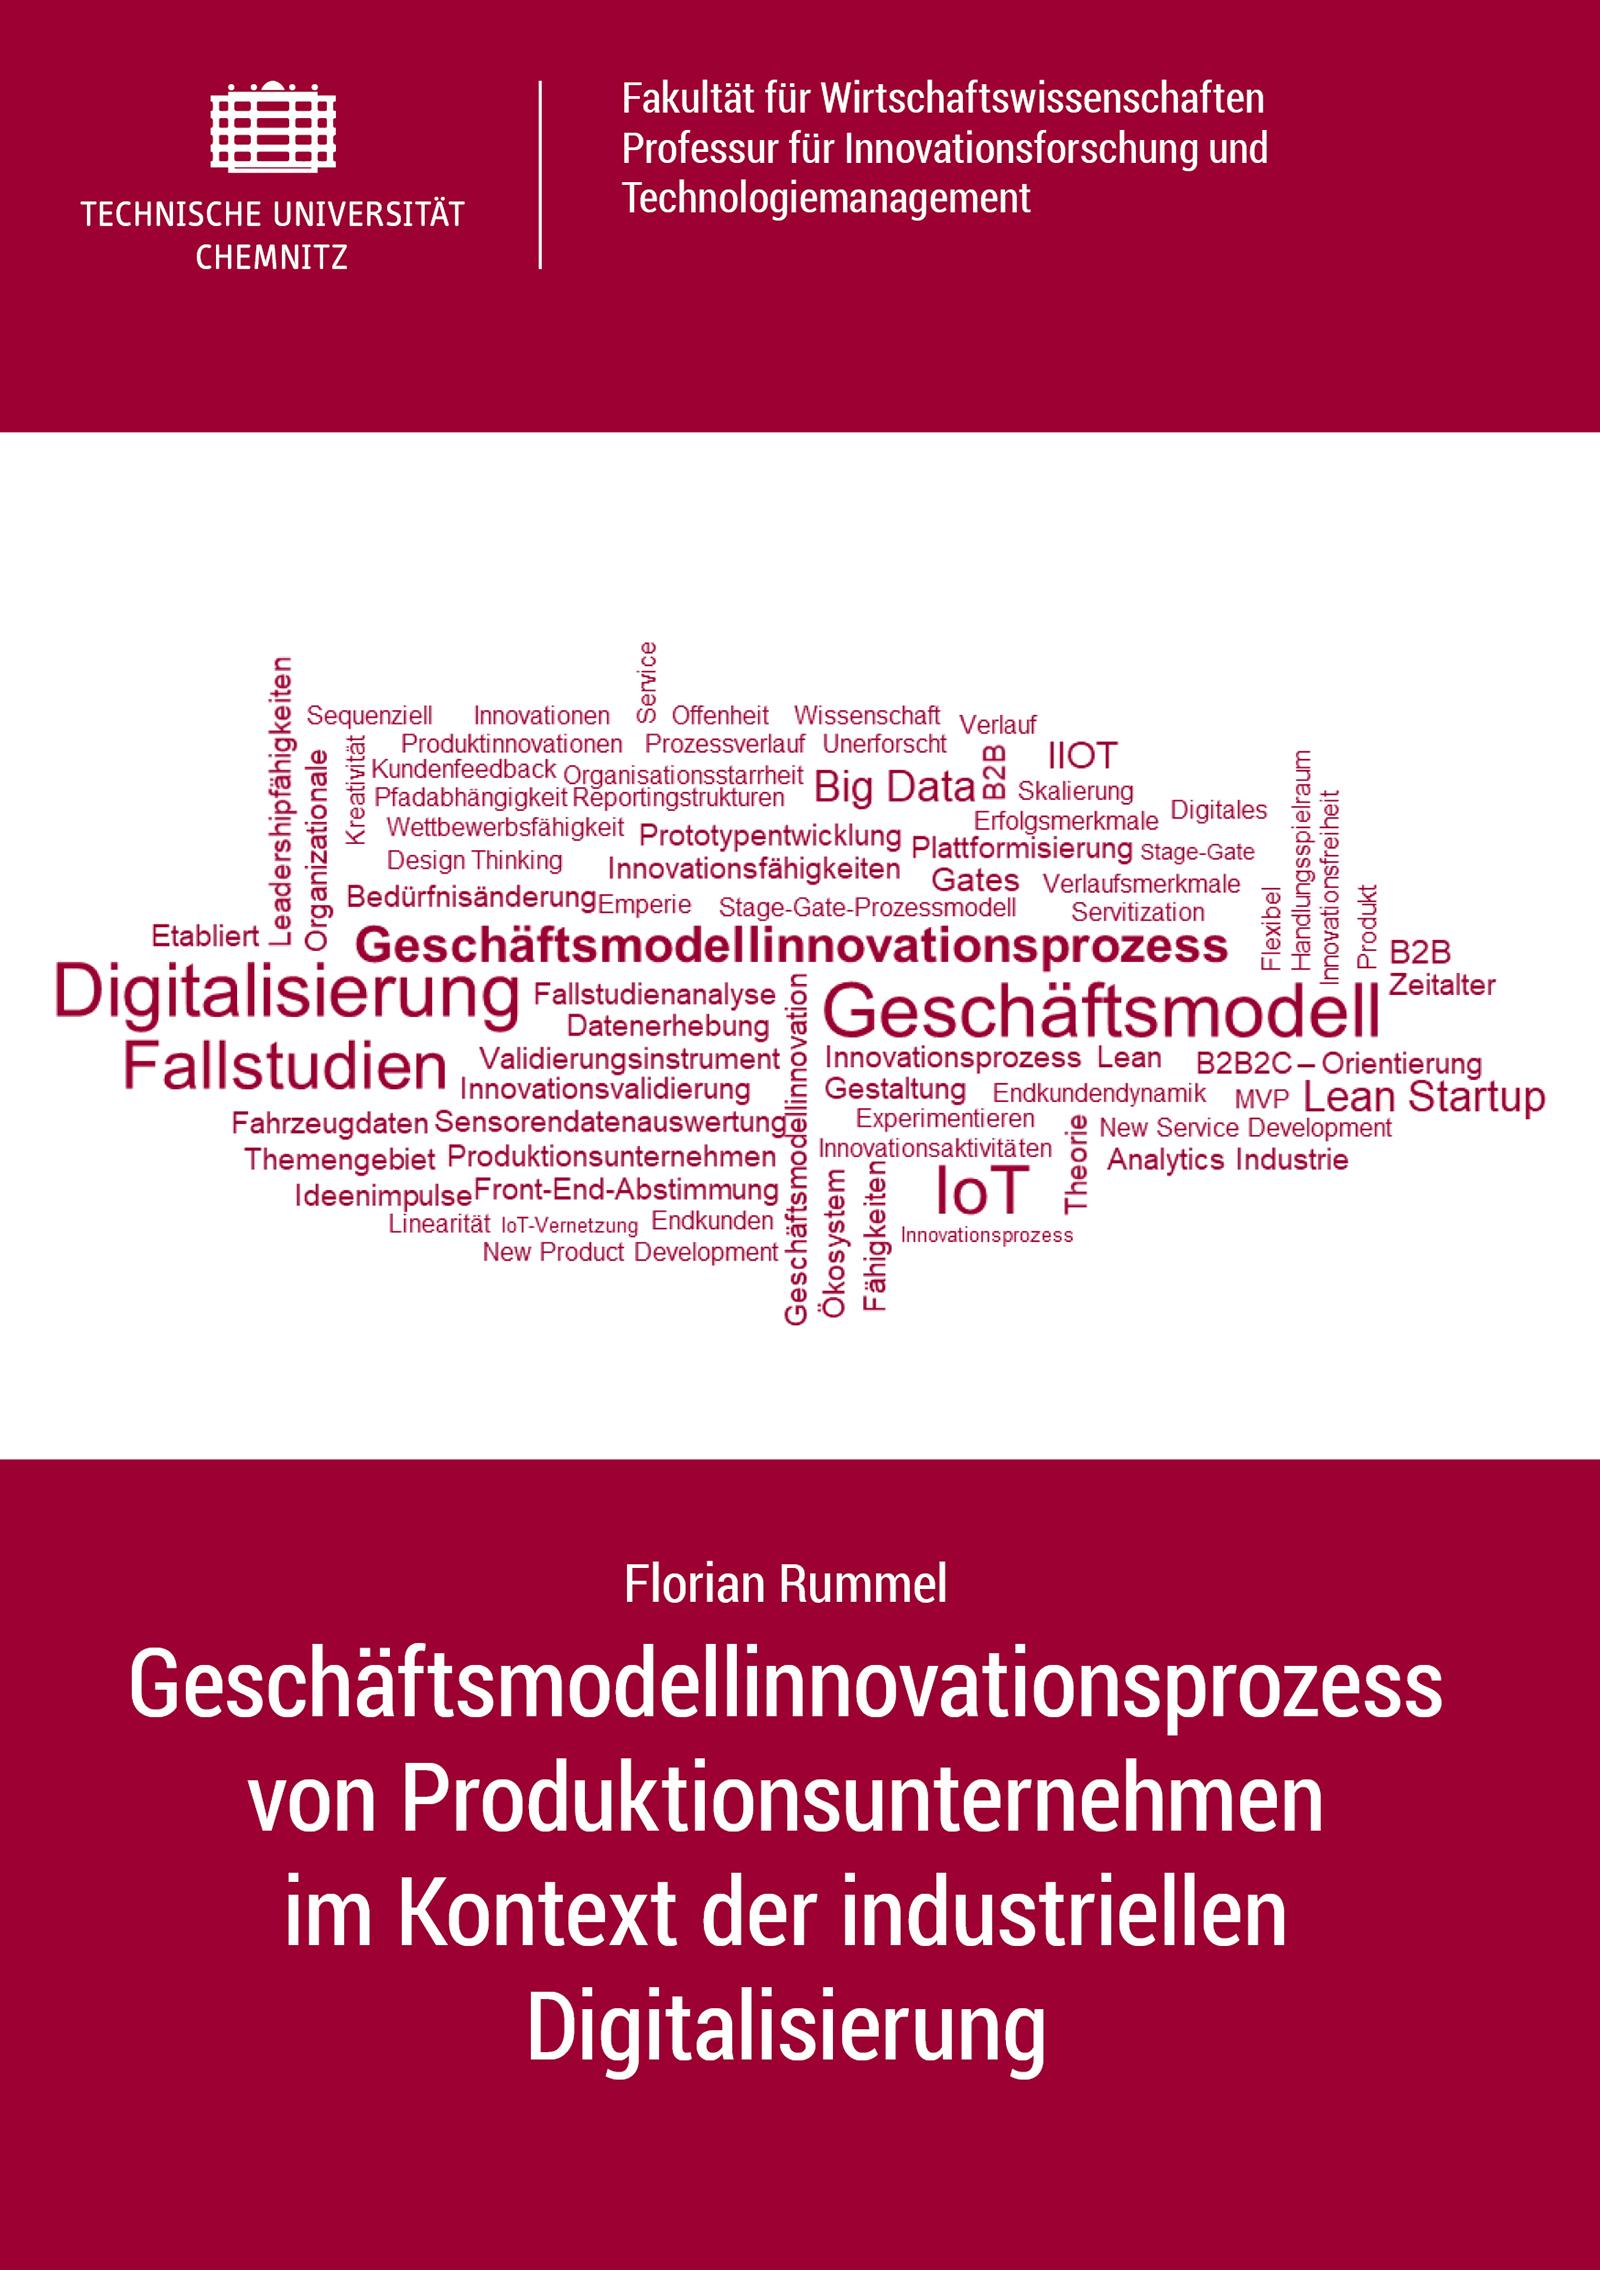 Cover: Geschäftsmodellinnovationsprozess von Produktionsunternehmen im Kontext der industriellen Digitalisierung